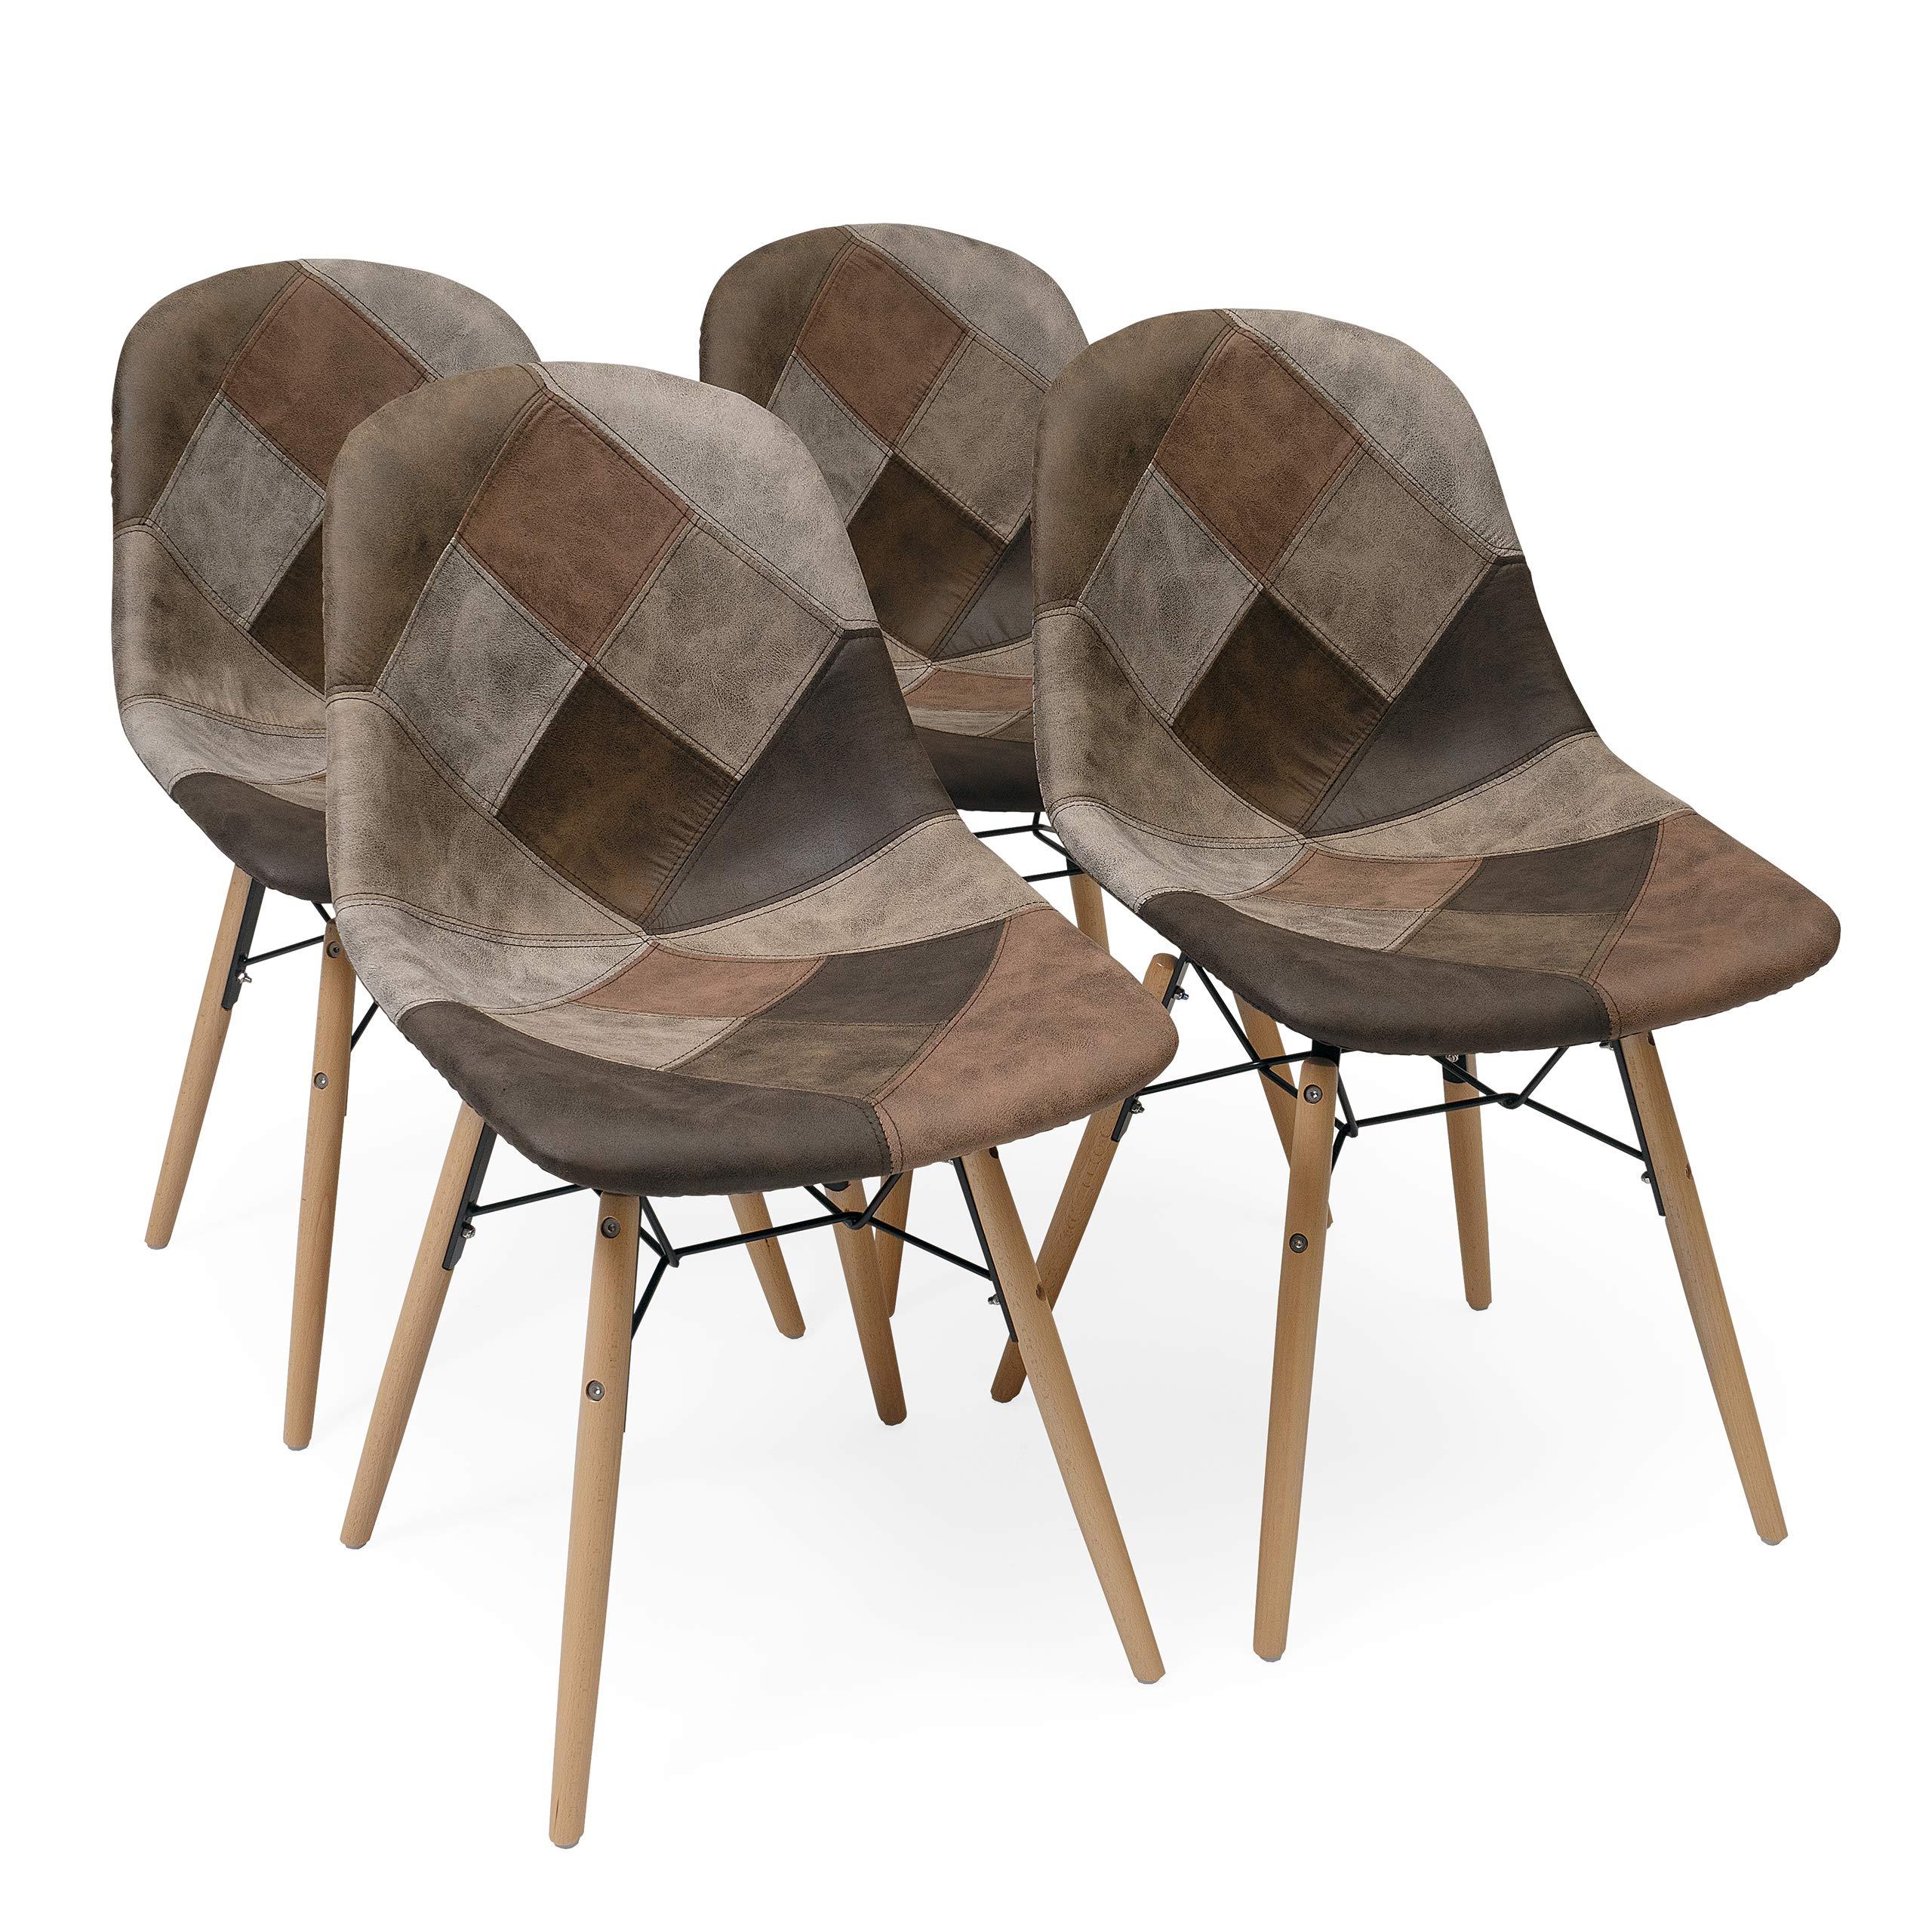 Homely - Pack de 4 sillas de Comedor tapizadas en Patchwork BONIE inspiración Silla Tower: Amazon.es: Hogar